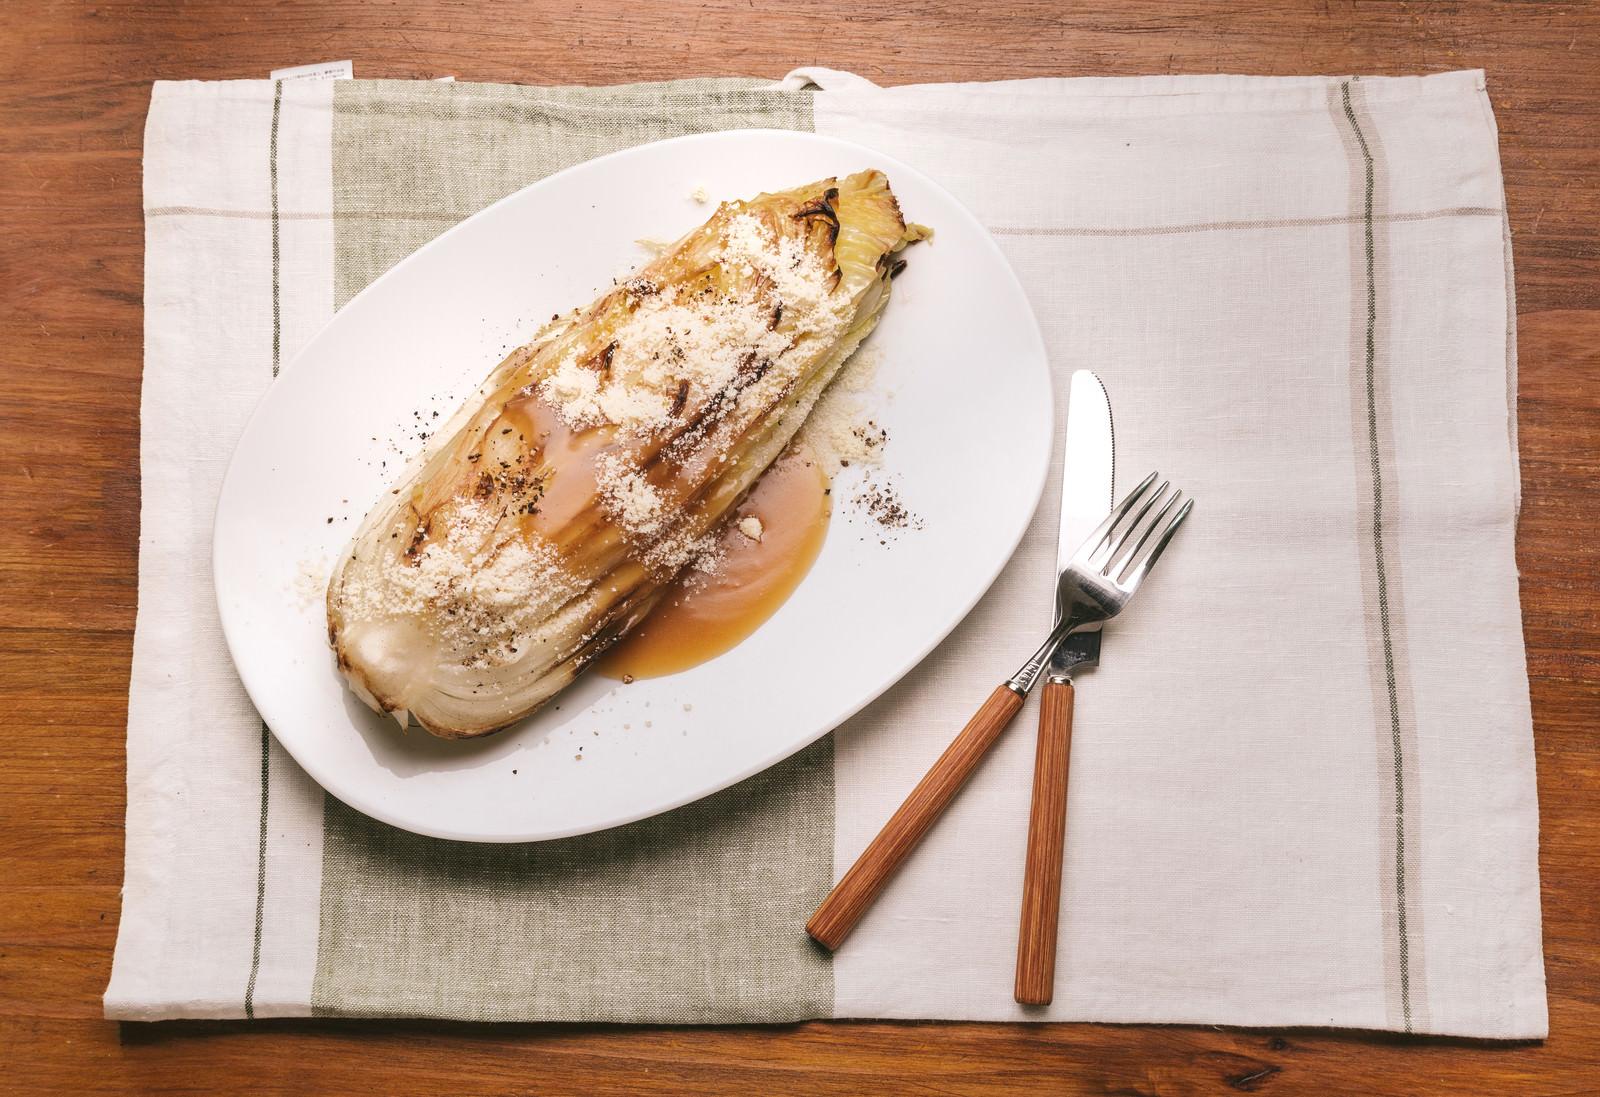 「白菜を使ったヘルシーメニュー白菜を使ったヘルシーメニュー」のフリー写真素材を拡大